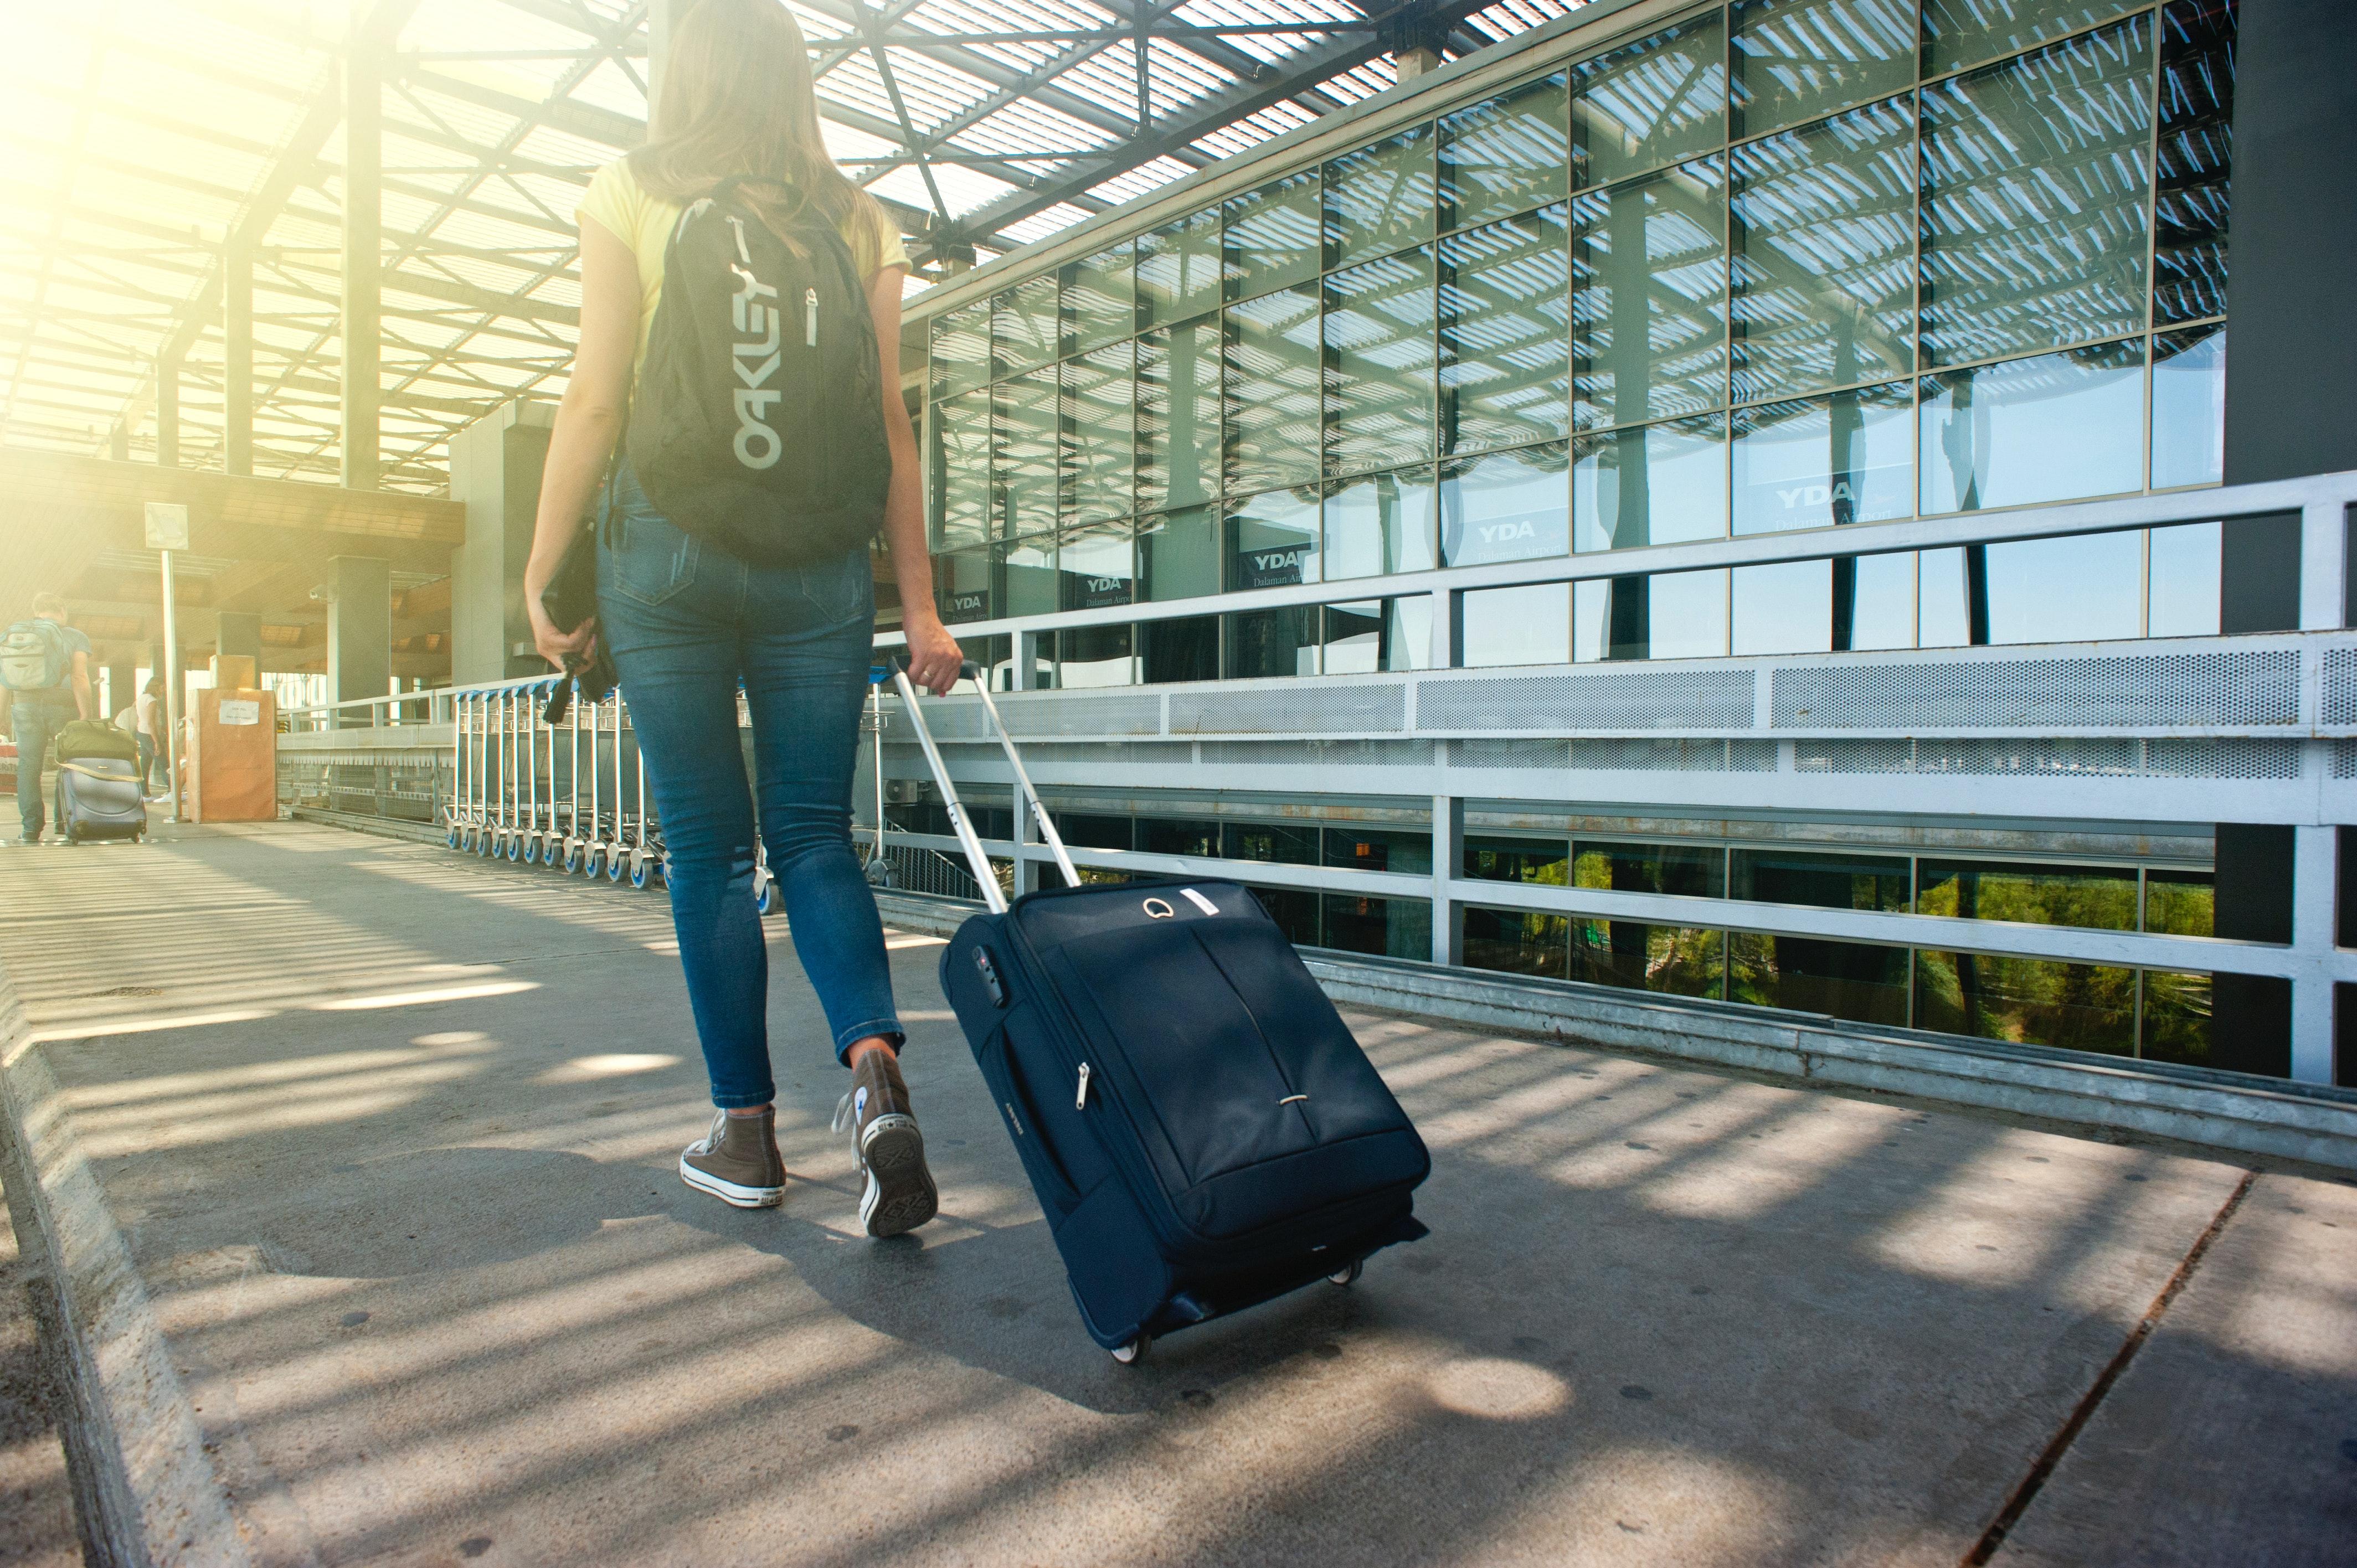 Reisen leicht gemacht: Meine 7 Packtipps für eine angenehme Reise